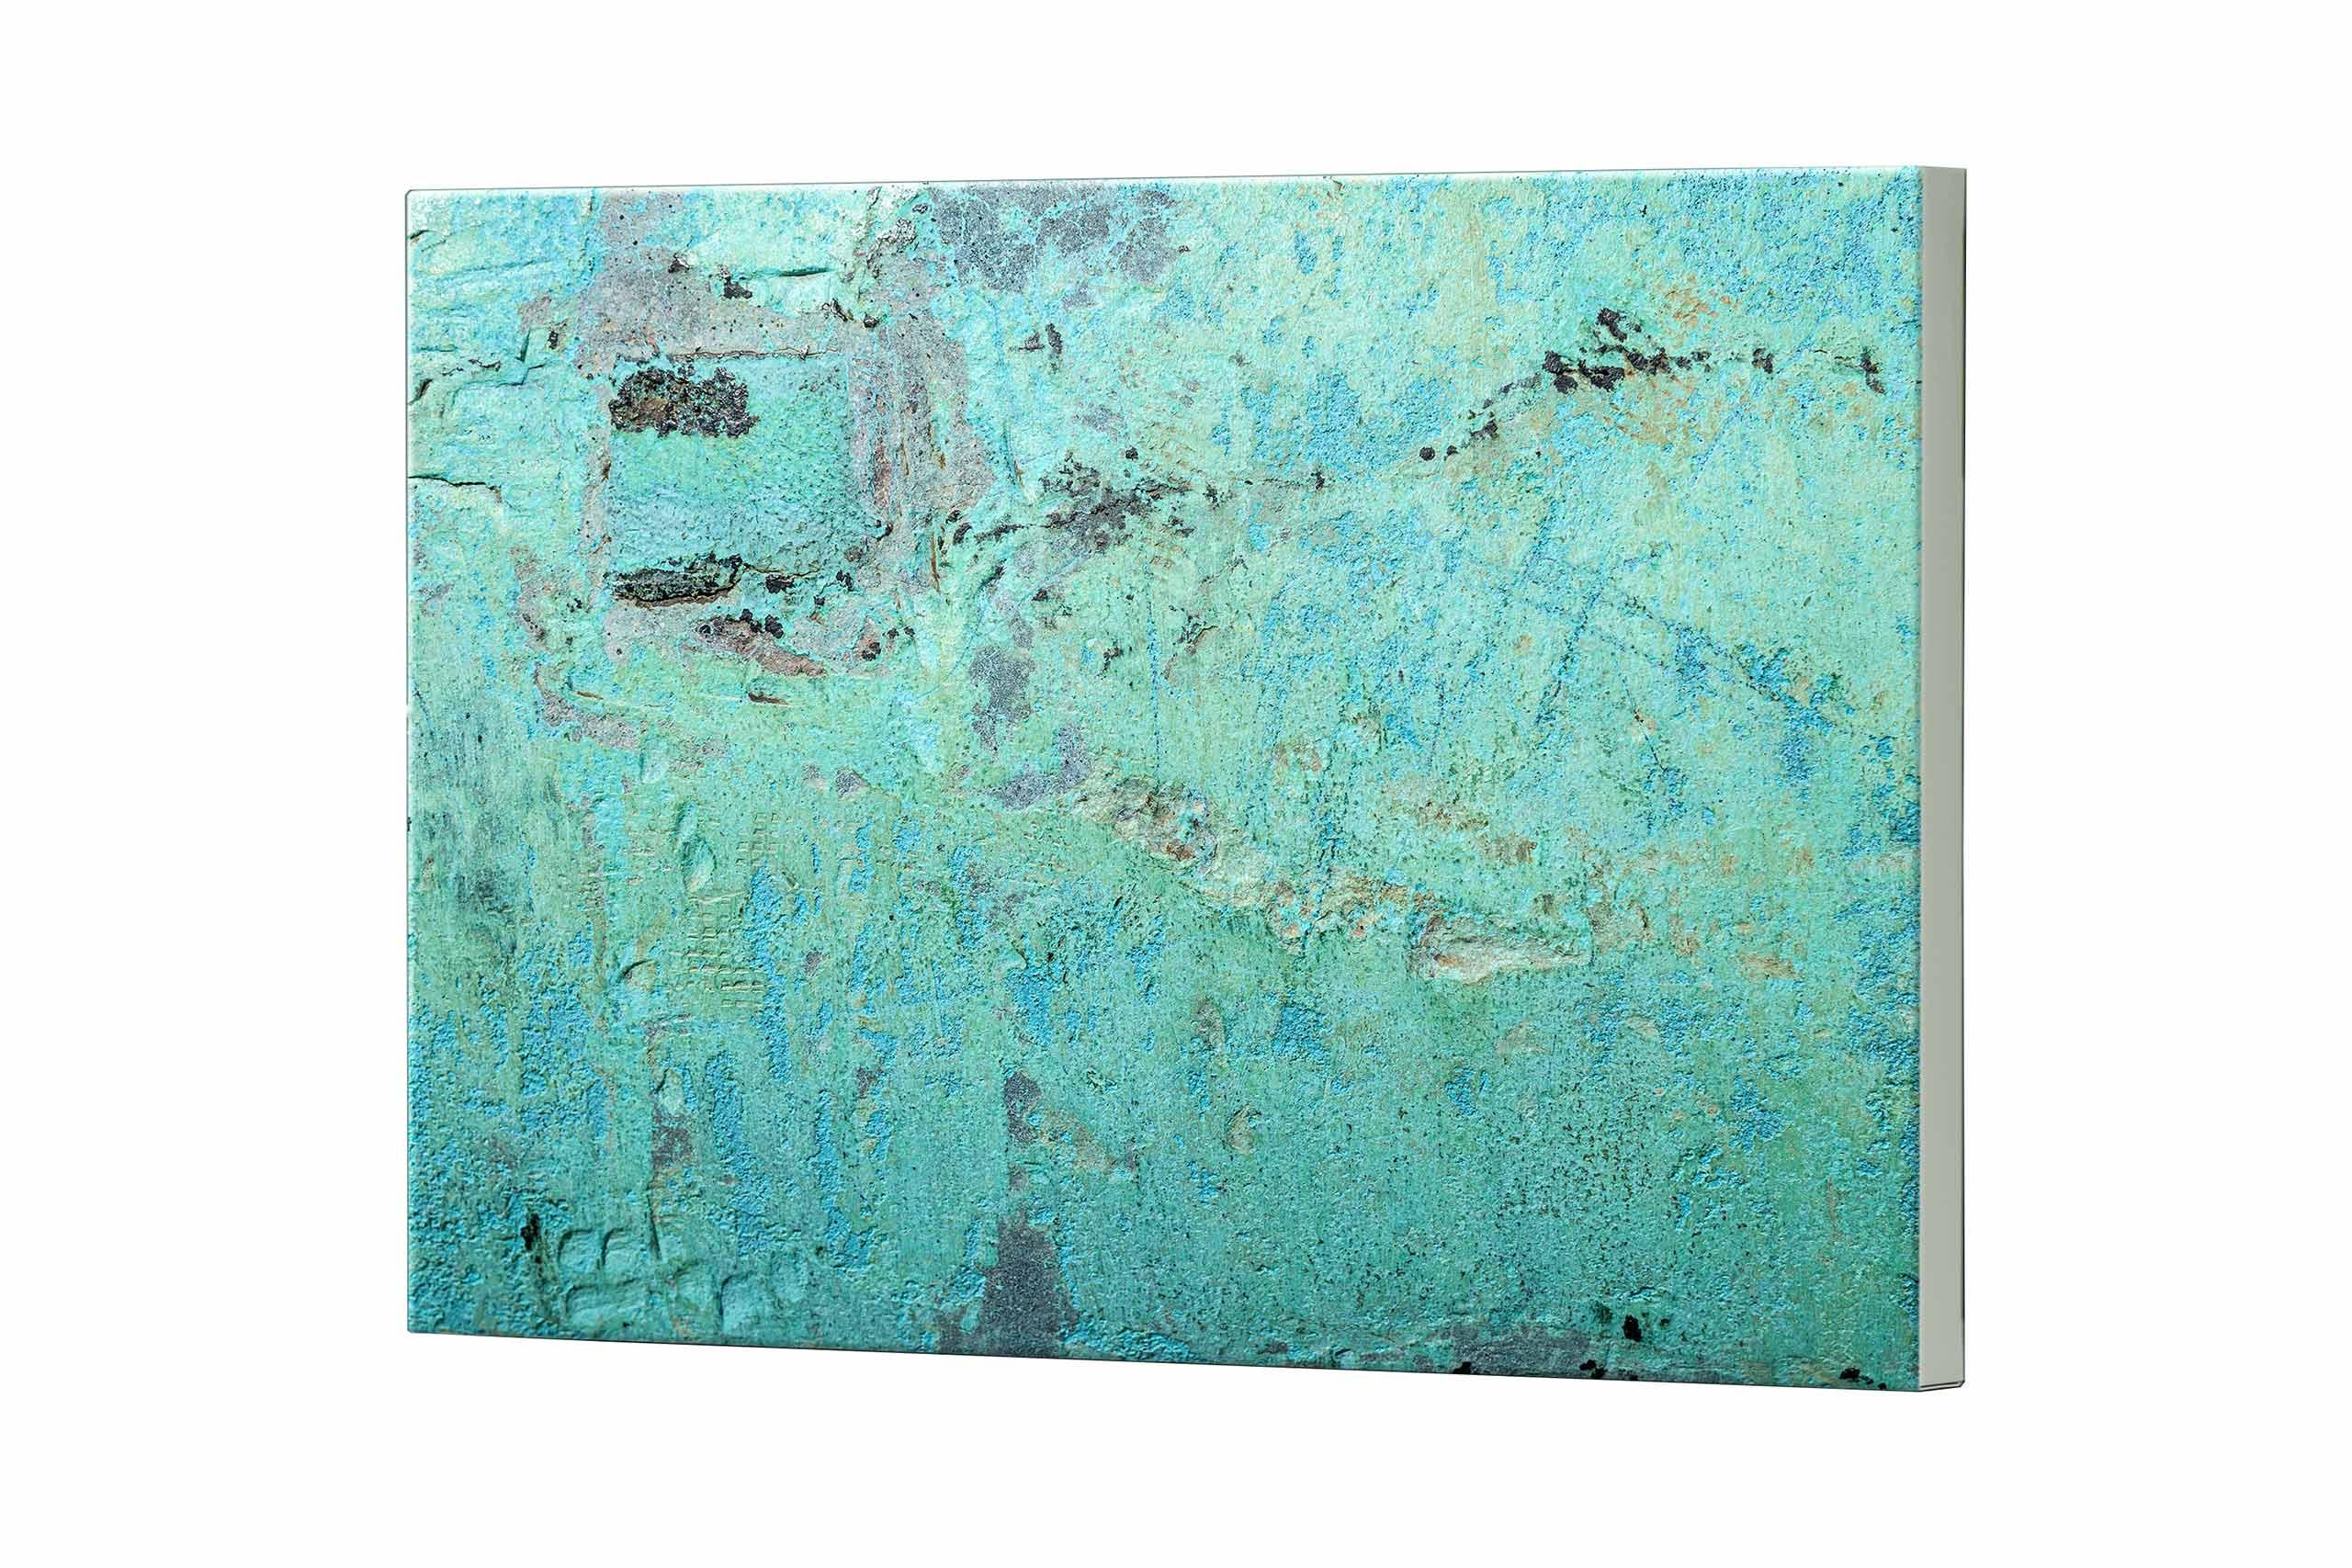 Magnettafel NOTIZ 80x60cm Motiv Abstrakt MDQ244 Motiv-Pinnwand